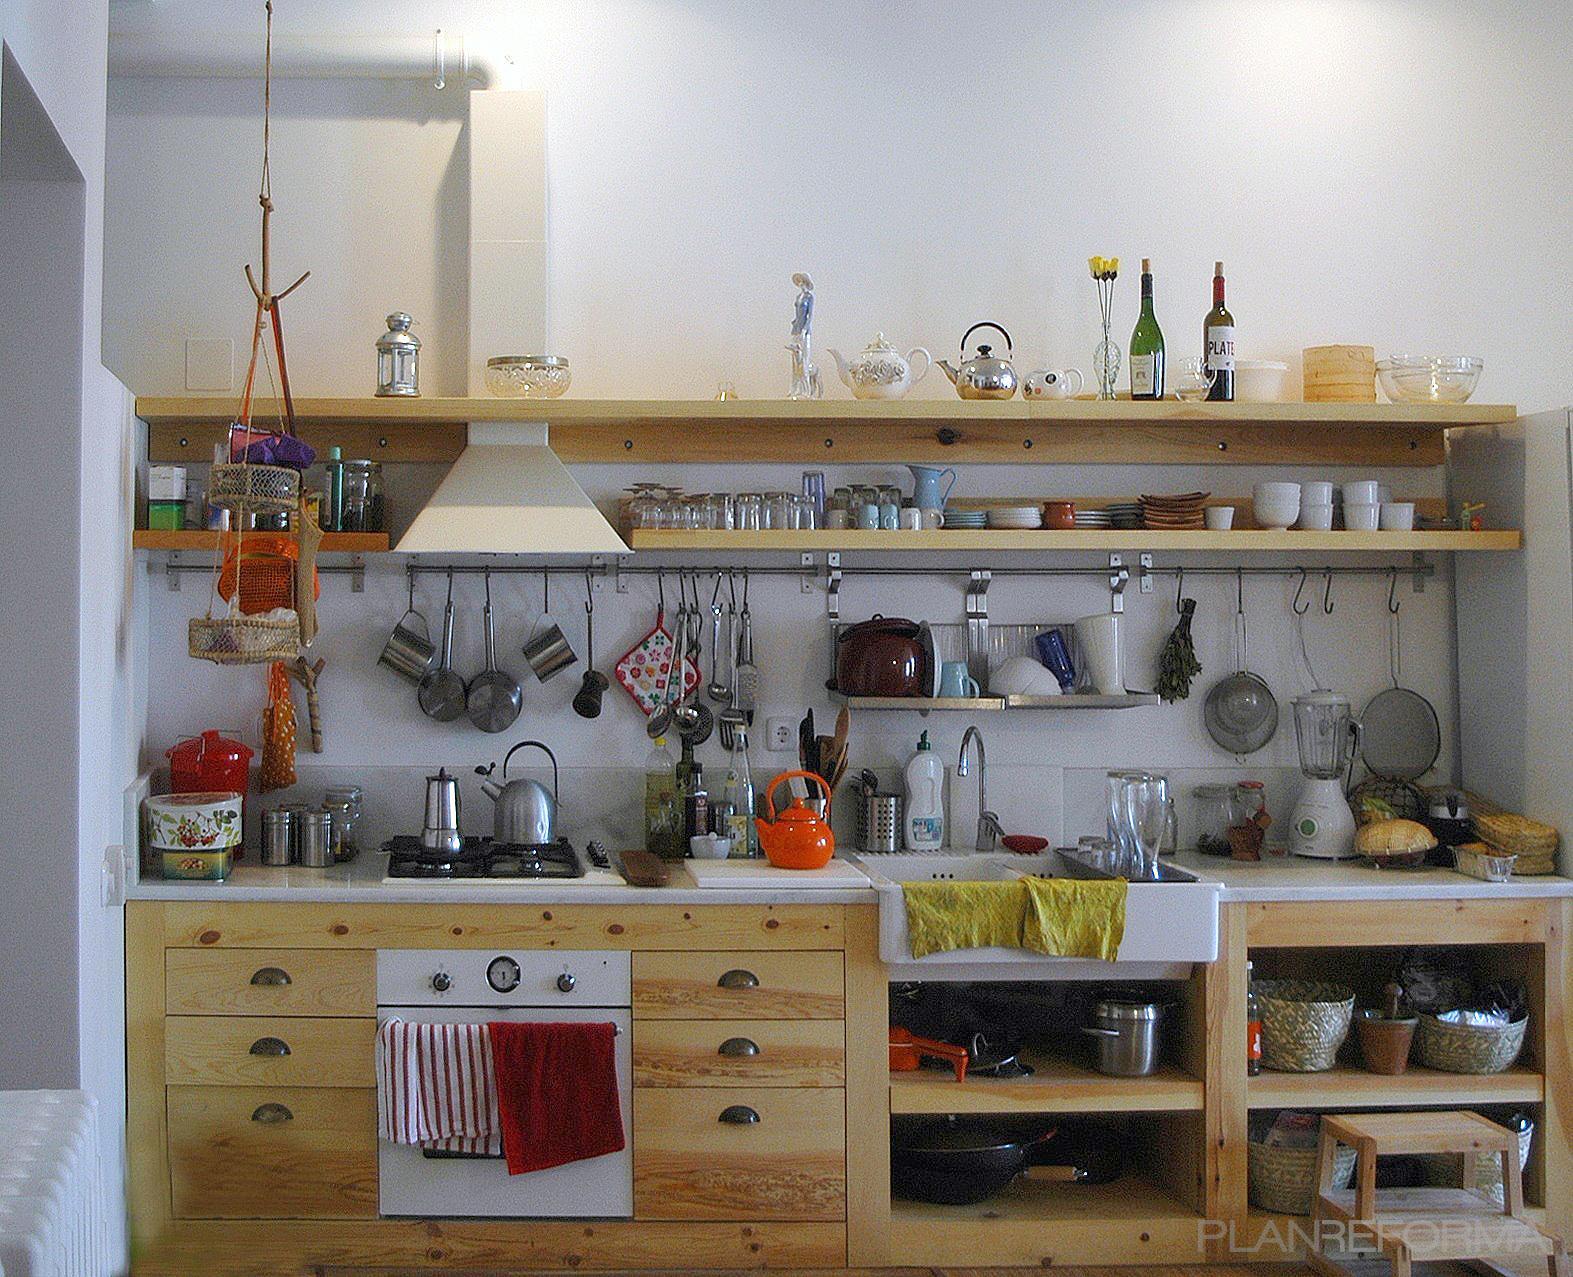 Cocina estilo rustico color marron blanco plateado - Cocinas estilo rustico ...